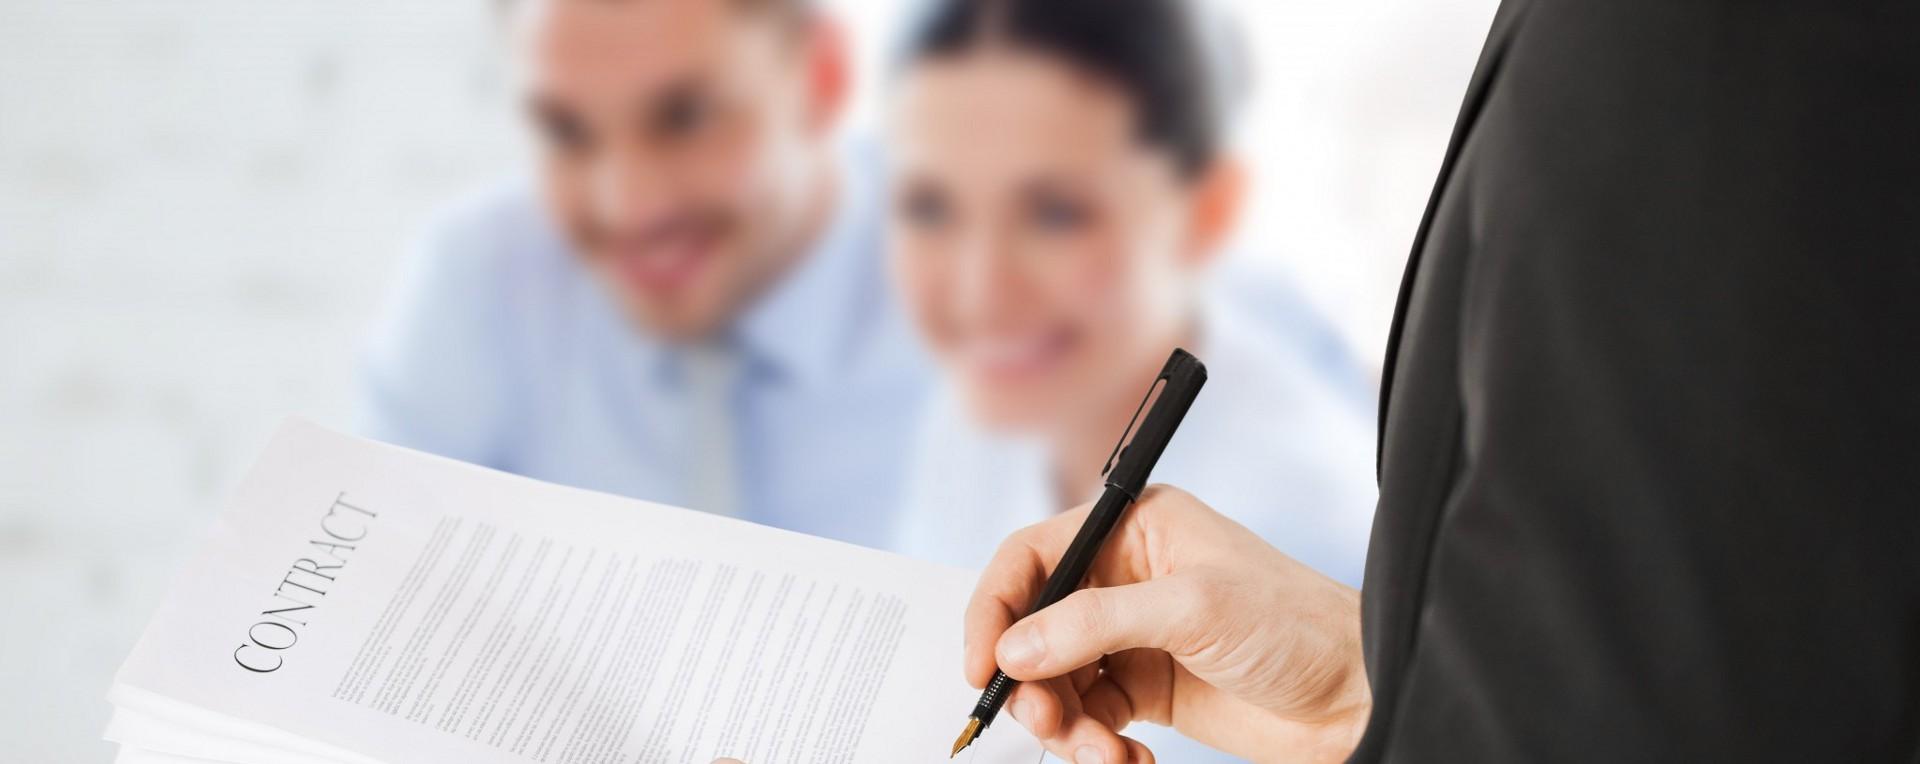 Firma de abogados para particulares